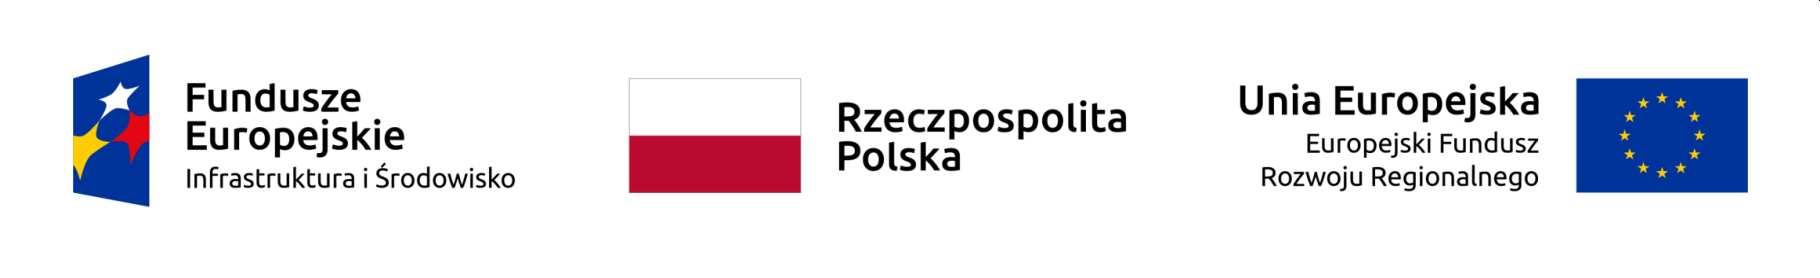 Logo: Funduszy Europejskich, Flaga Polski, Unii Europejskiej